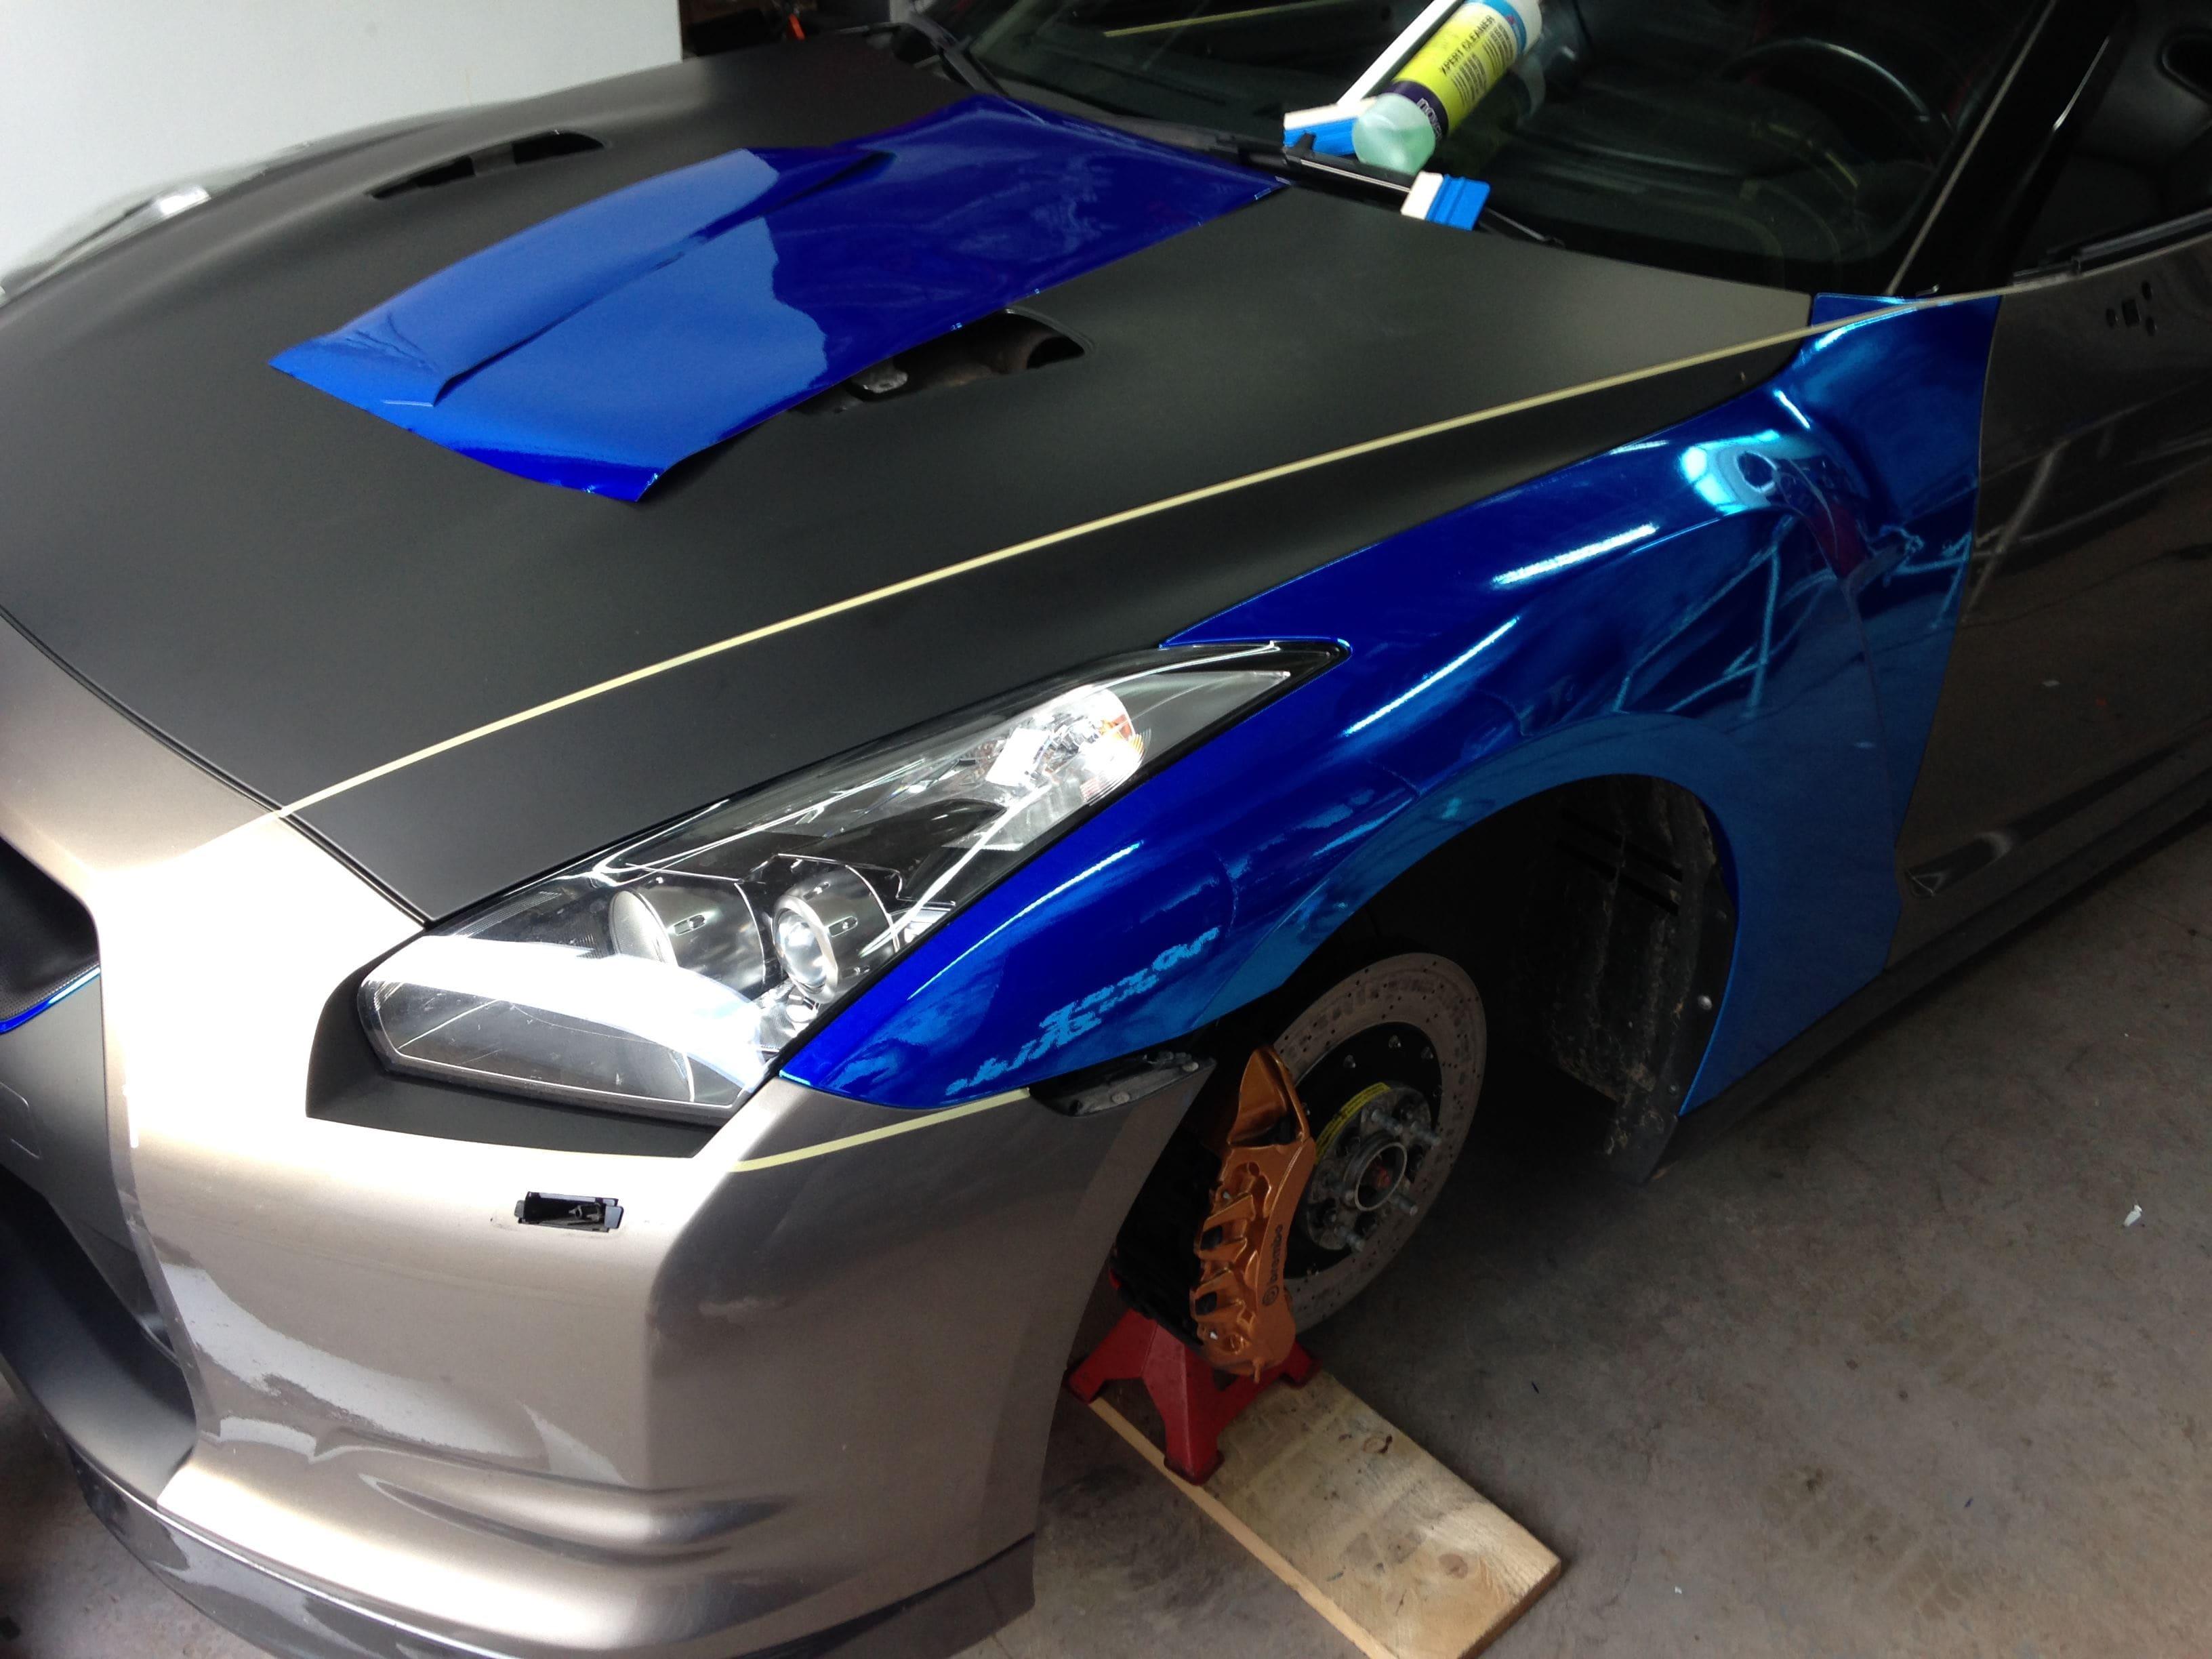 Nissan GT-R met Blue Chrome Wrap, Carwrapping door Wrapmyride.nu Foto-nr:6446, ©2021